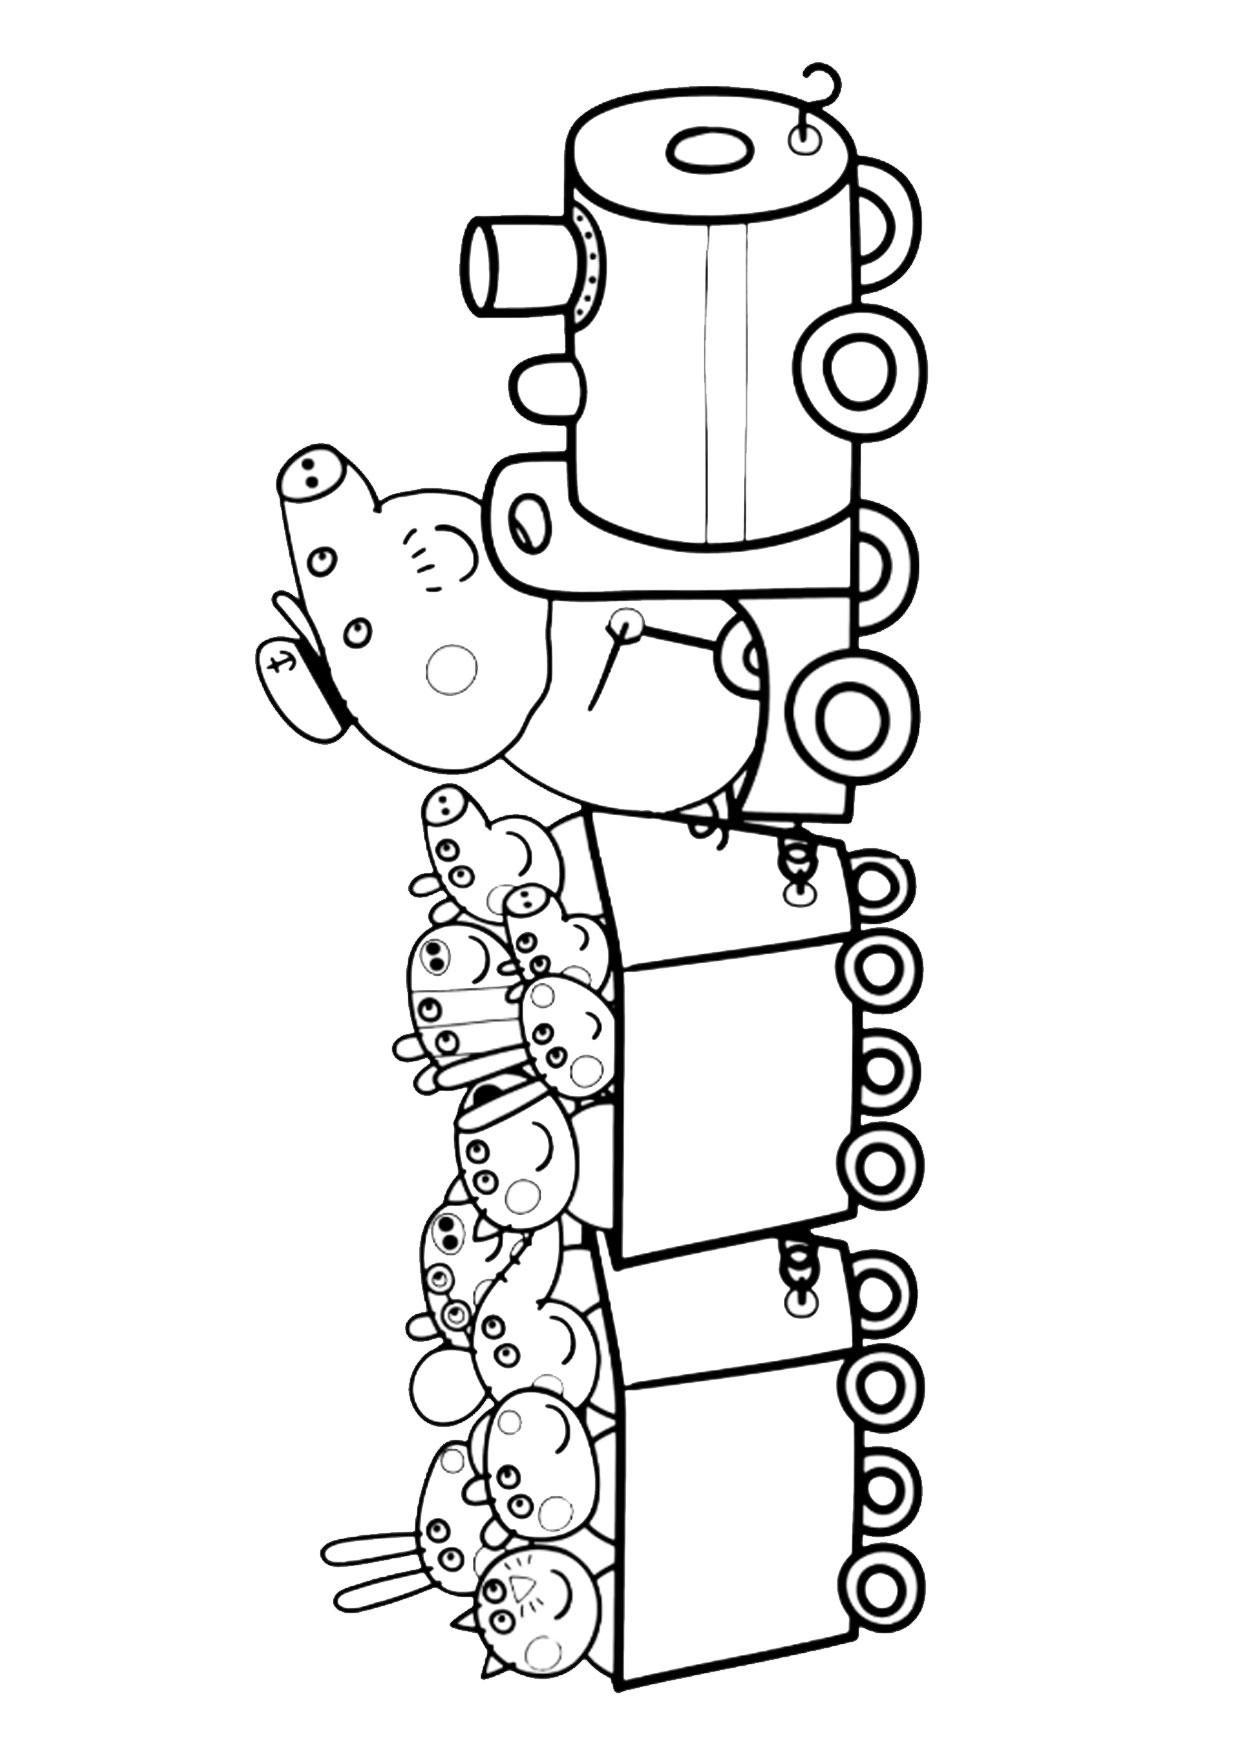 Disegno Peppa Pig da colorare 39